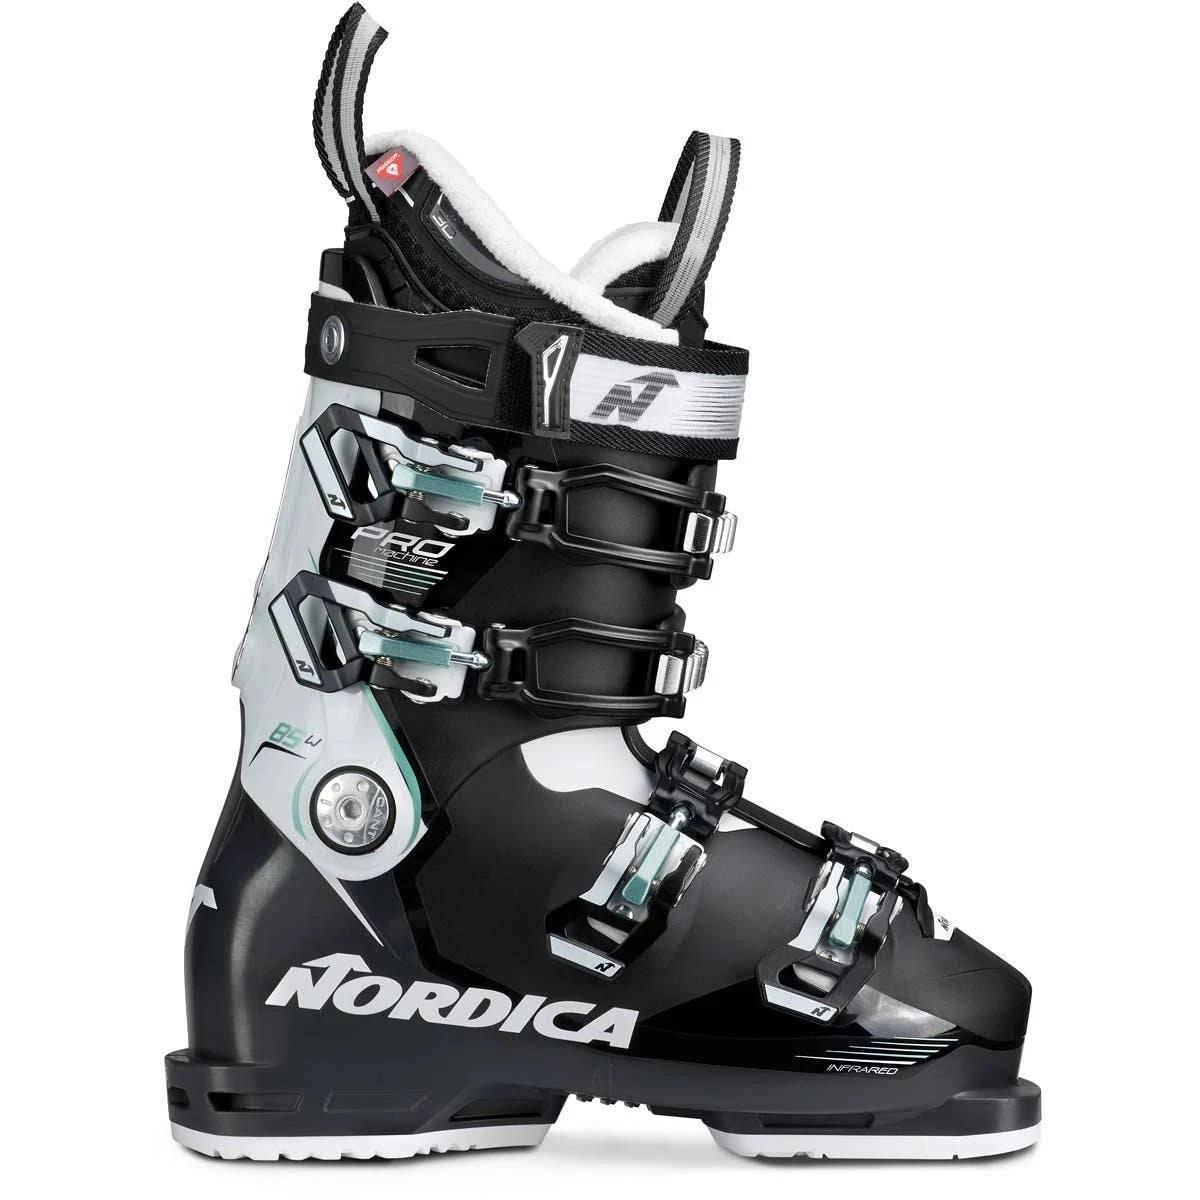 Nordica Women's Promachine 85 Ski Boots